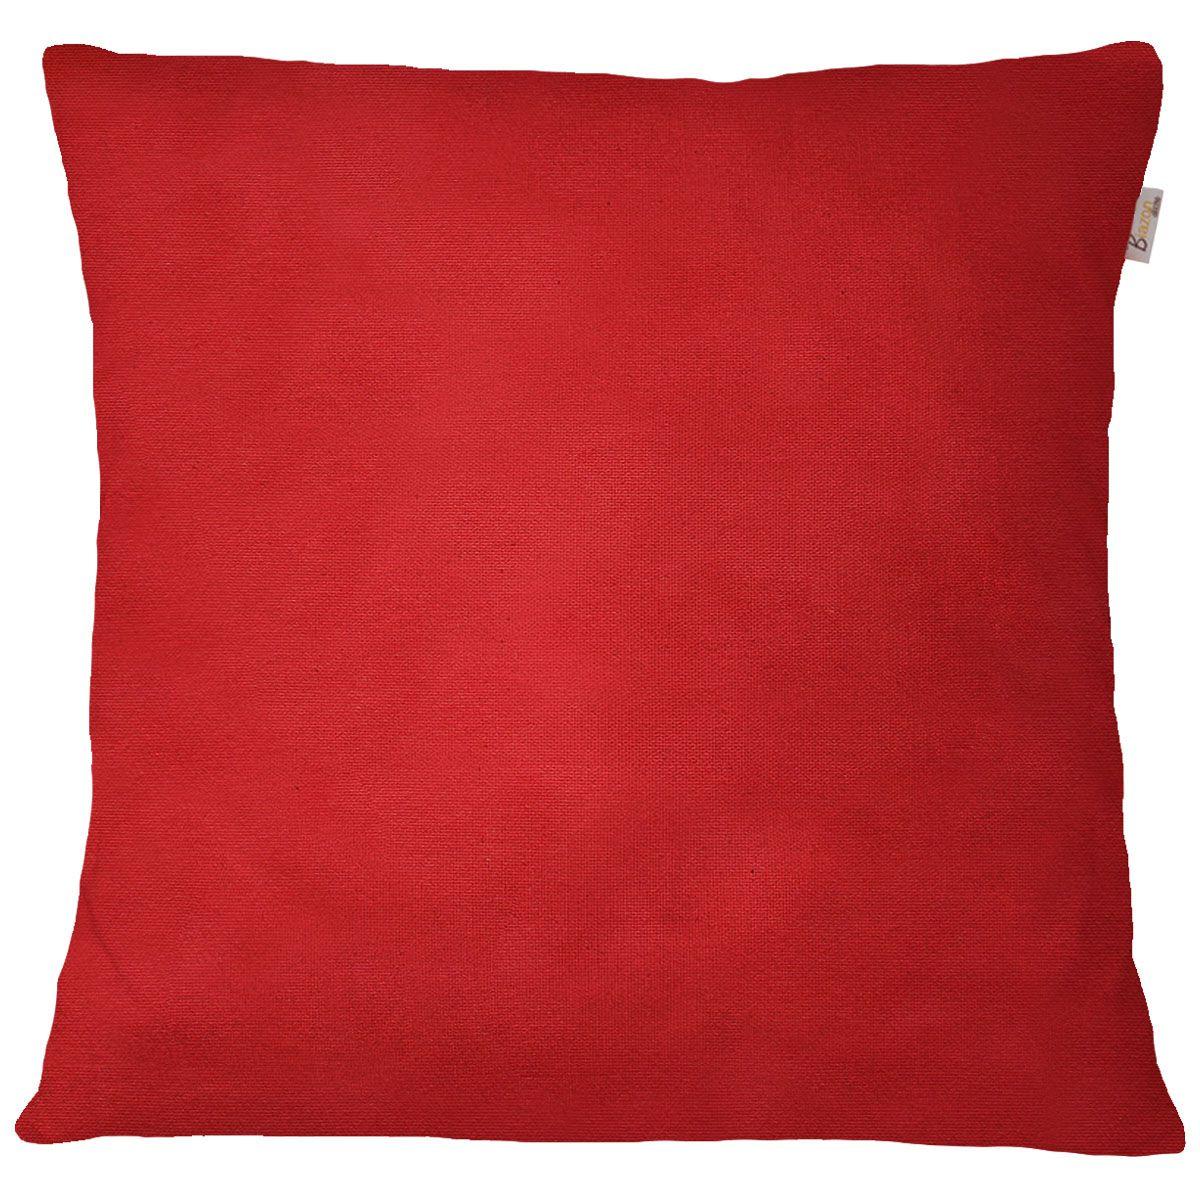 Capa de Almofada Jacquard Encanto Vermelho Queimado Liso 45x45cm